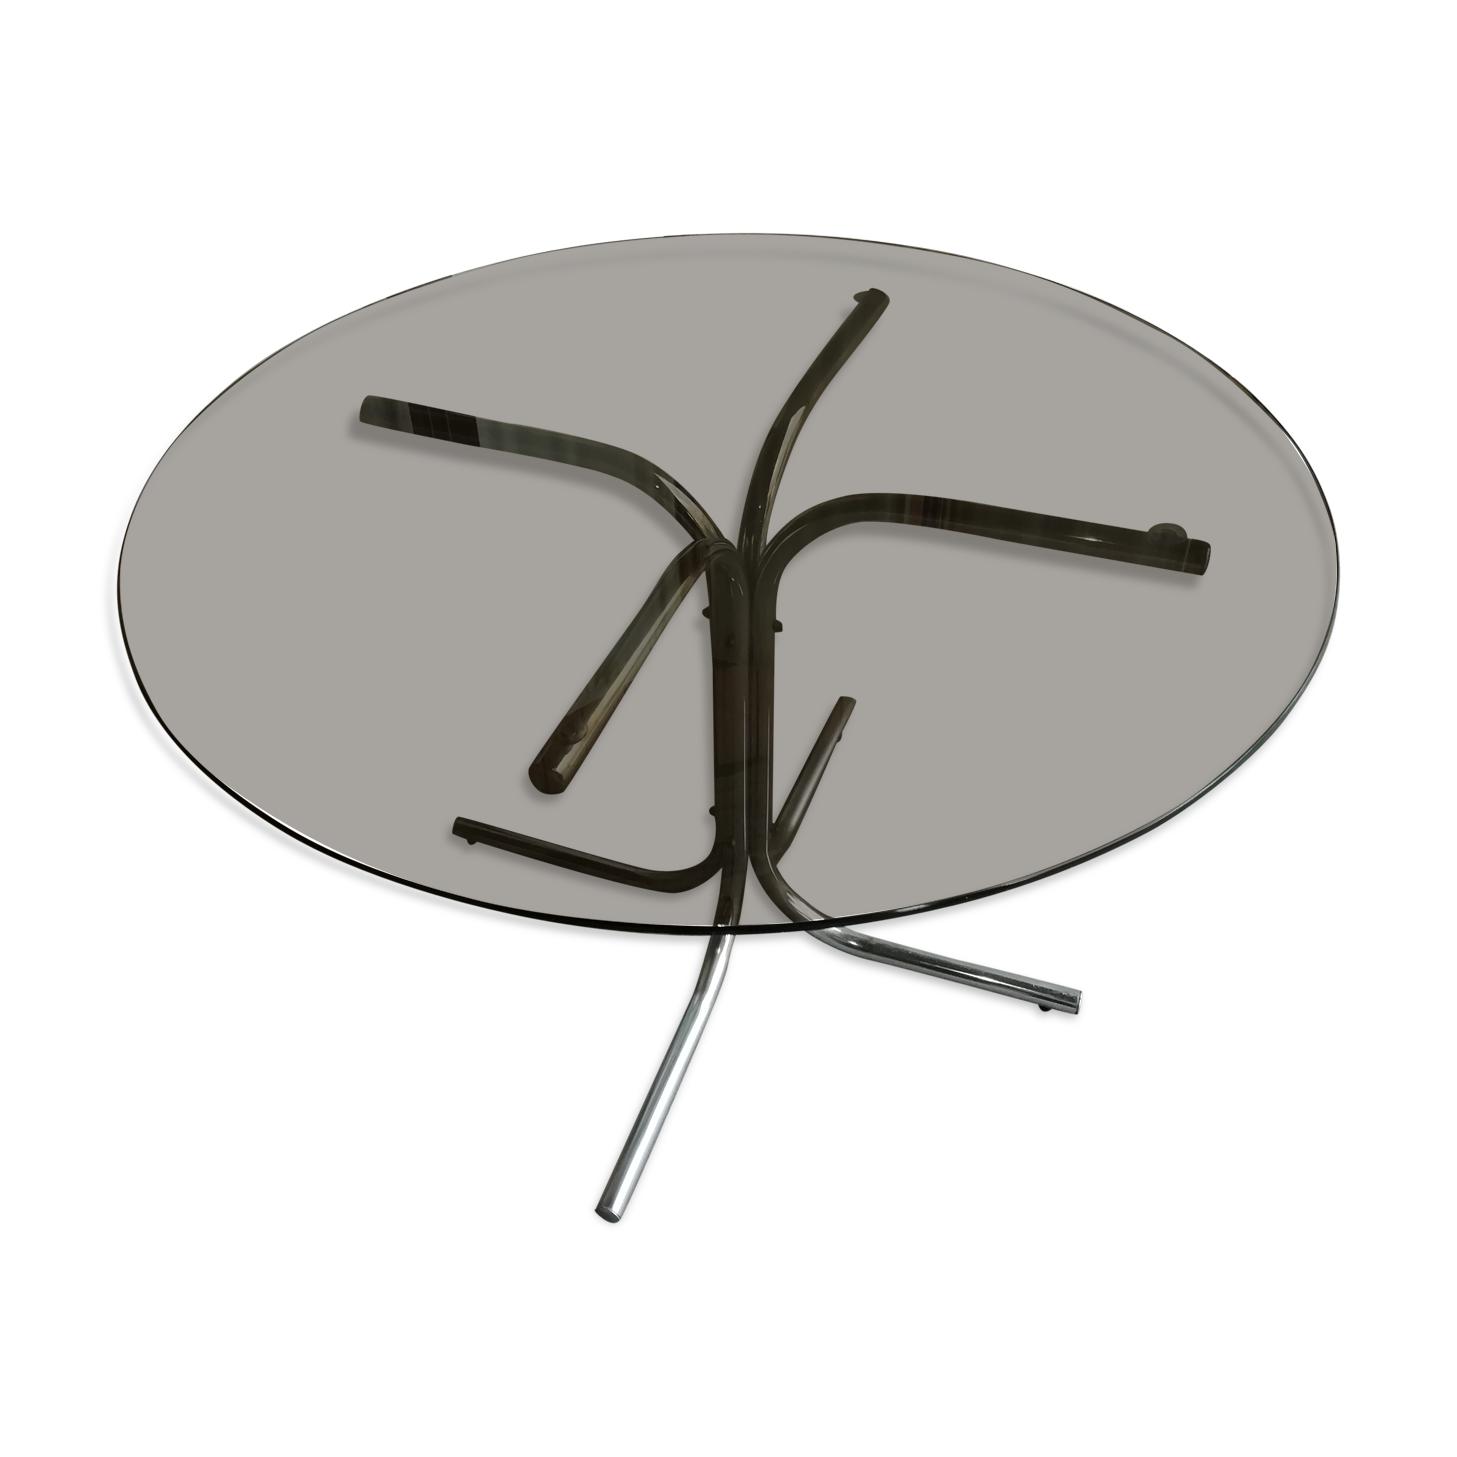 Table salle manger verre et chrome design italien 1970